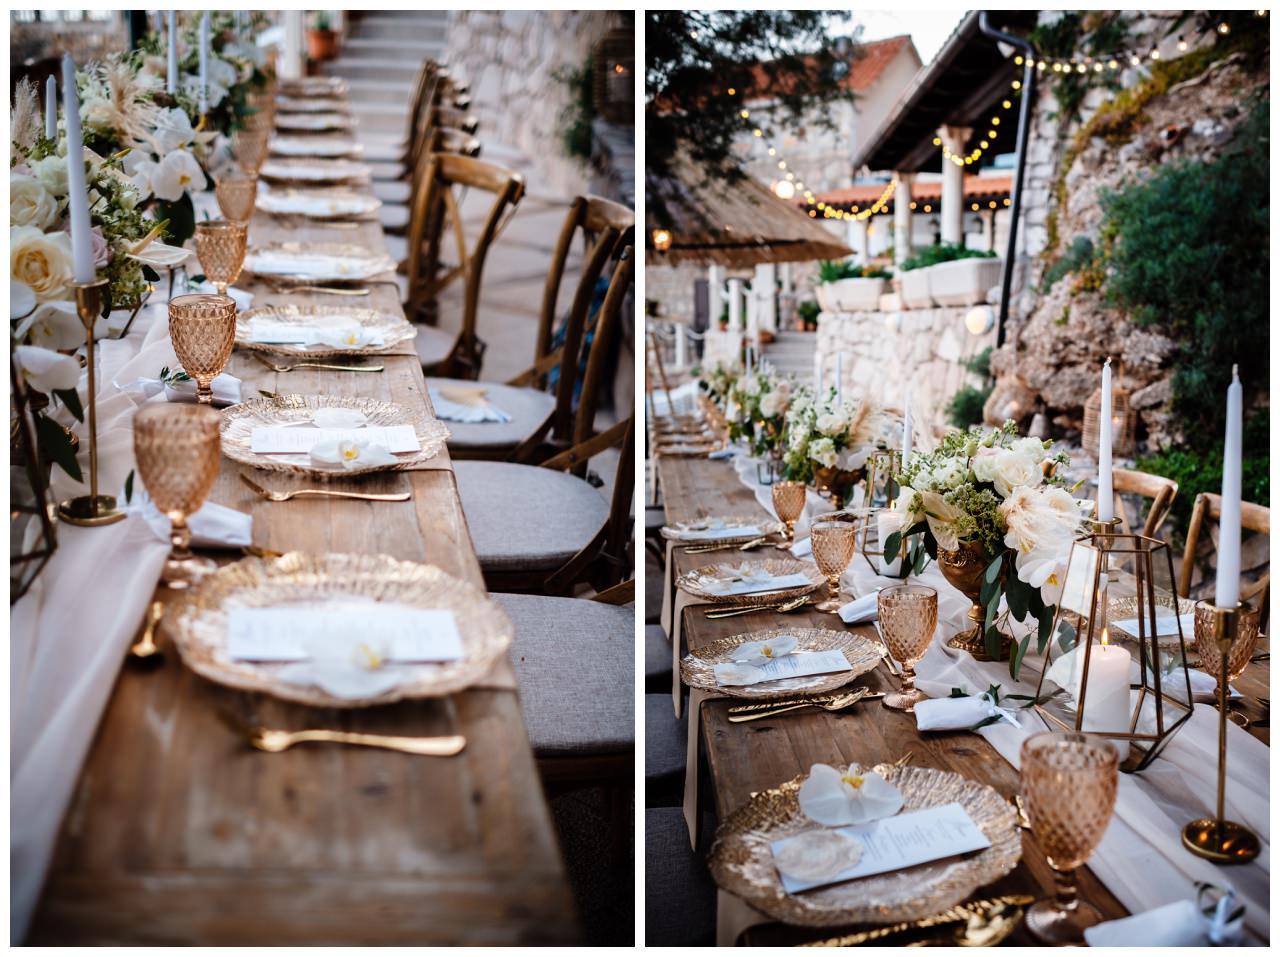 hochzeit kroatien ausland gardasee fotograf strand 83 - Hochzeit am Strand in Kroatien